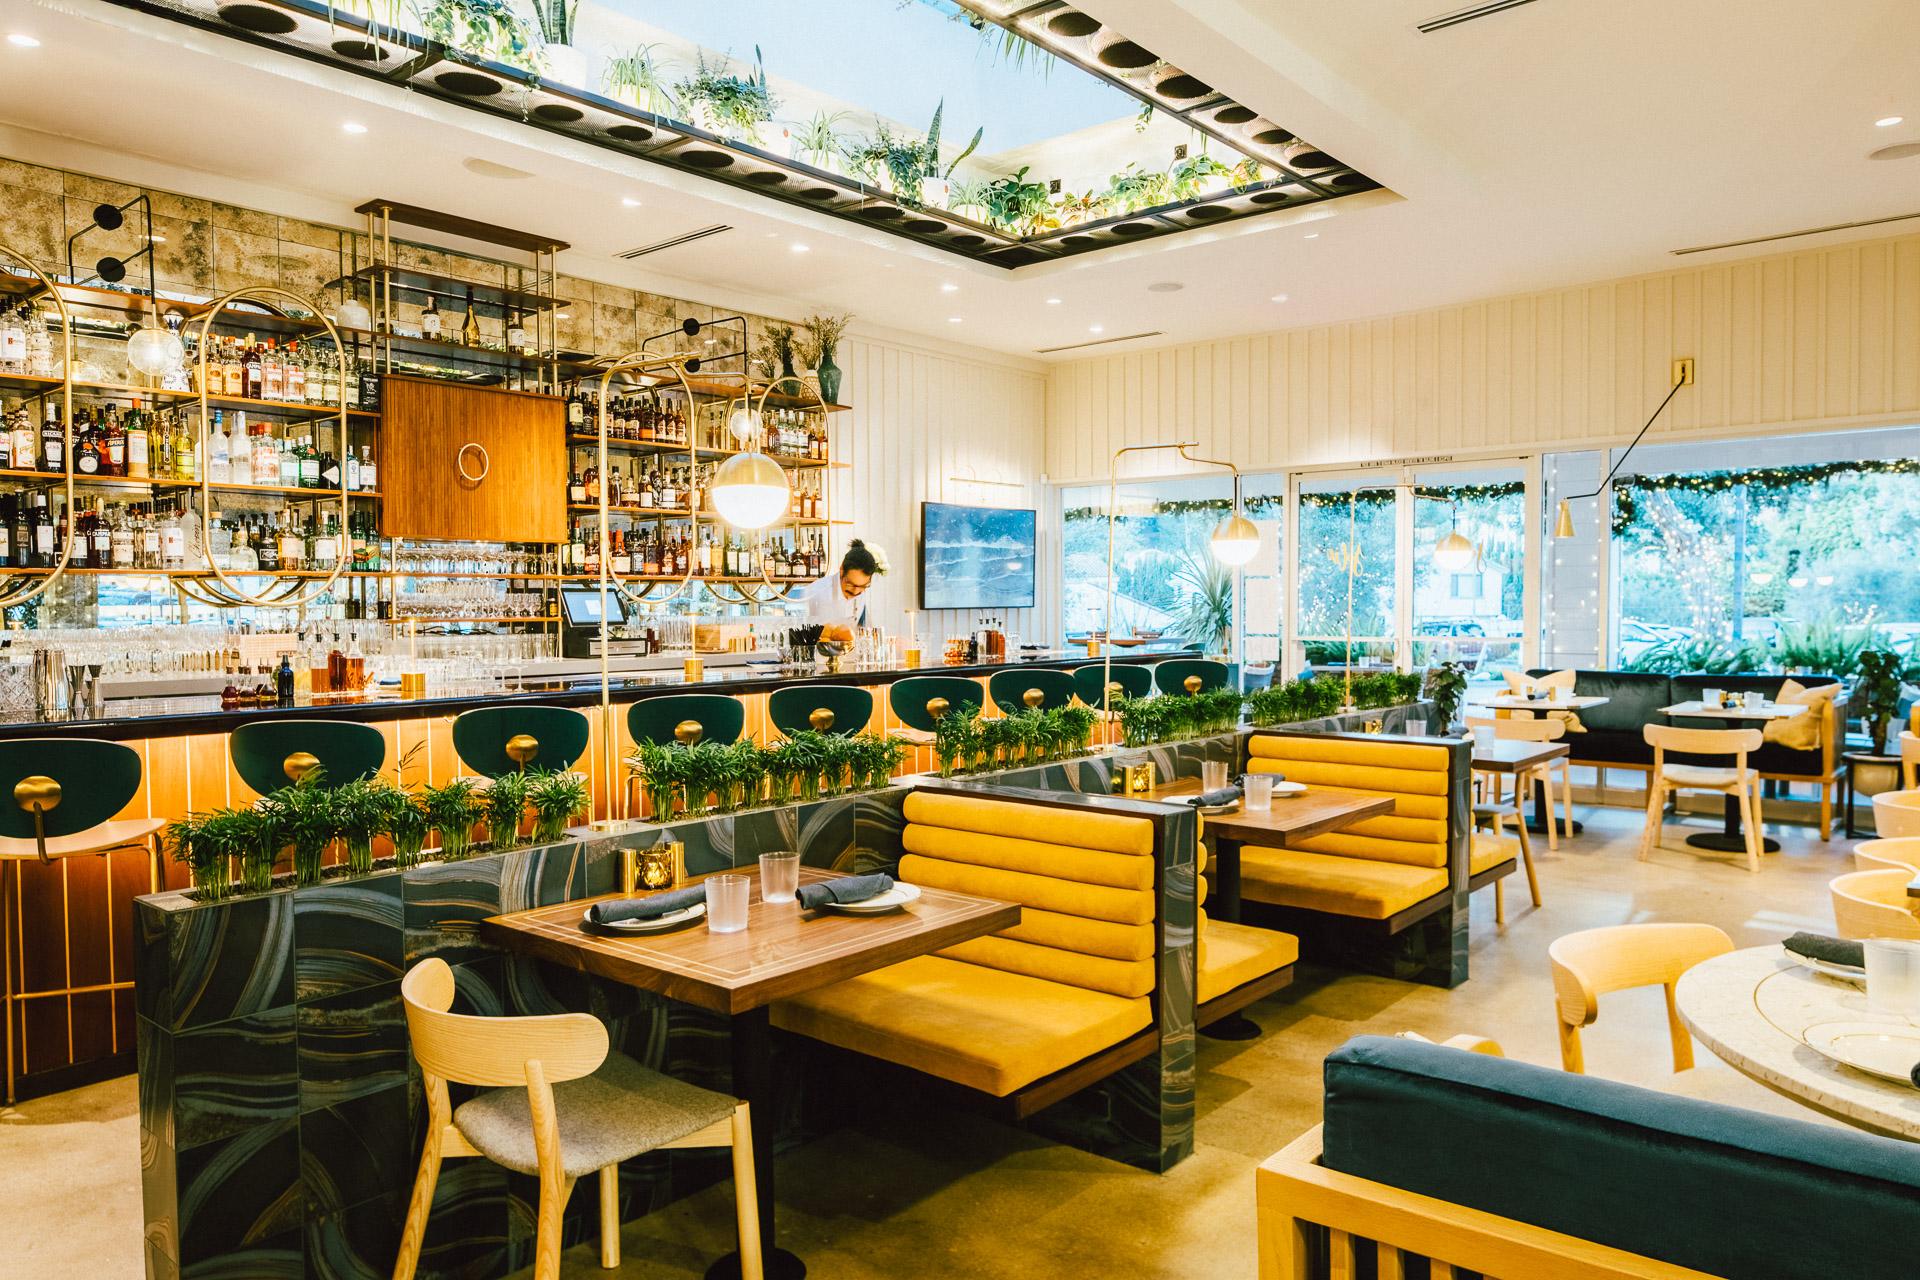 los-angeles-architectural-photographer-bistro-jolie-restaurant-3.jpg